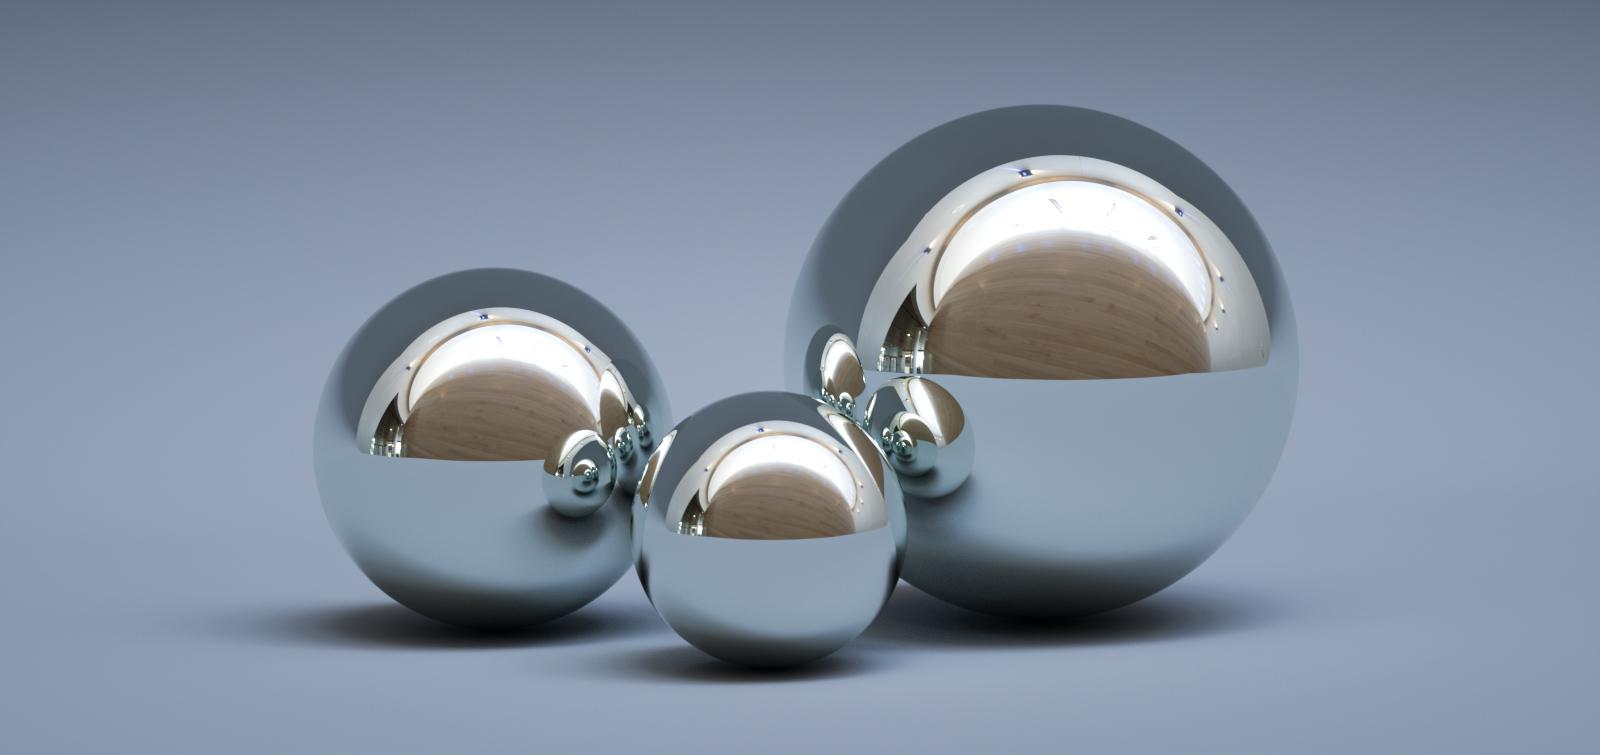 chrome_balls-0.5.jpg